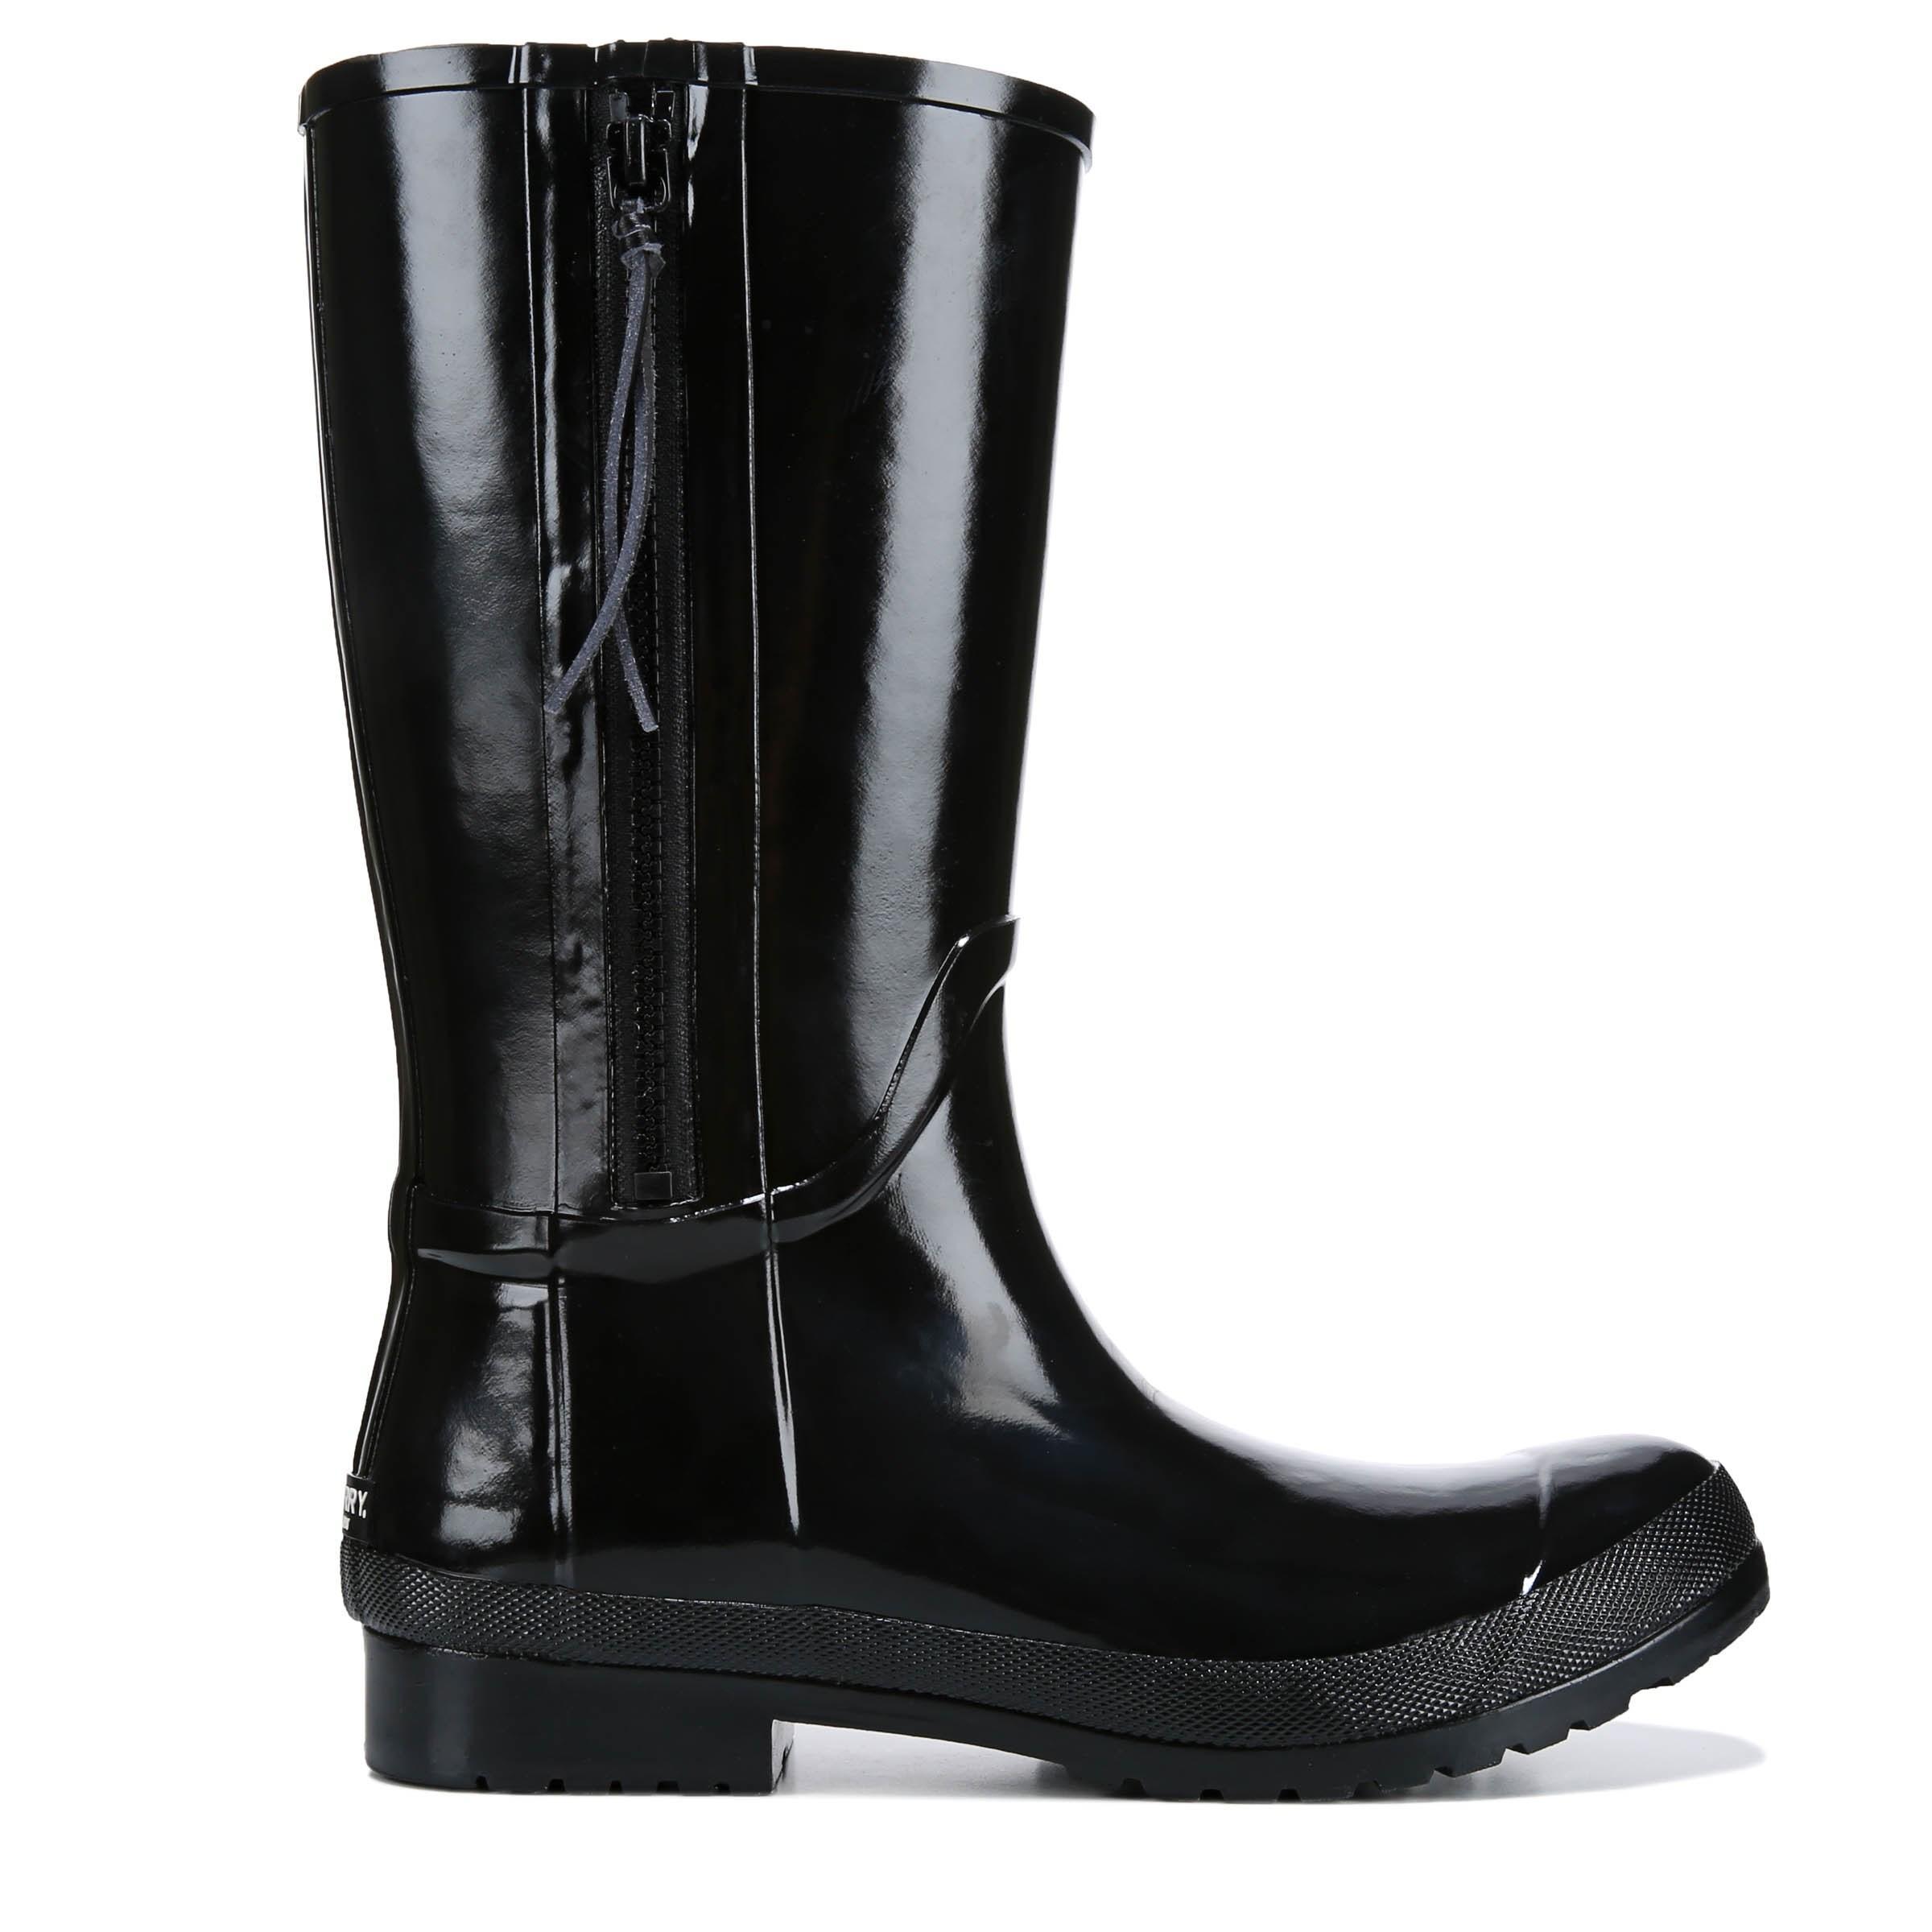 Sperry Top-Sider Fleece Walker Pacific Rain Boots In Black -8665